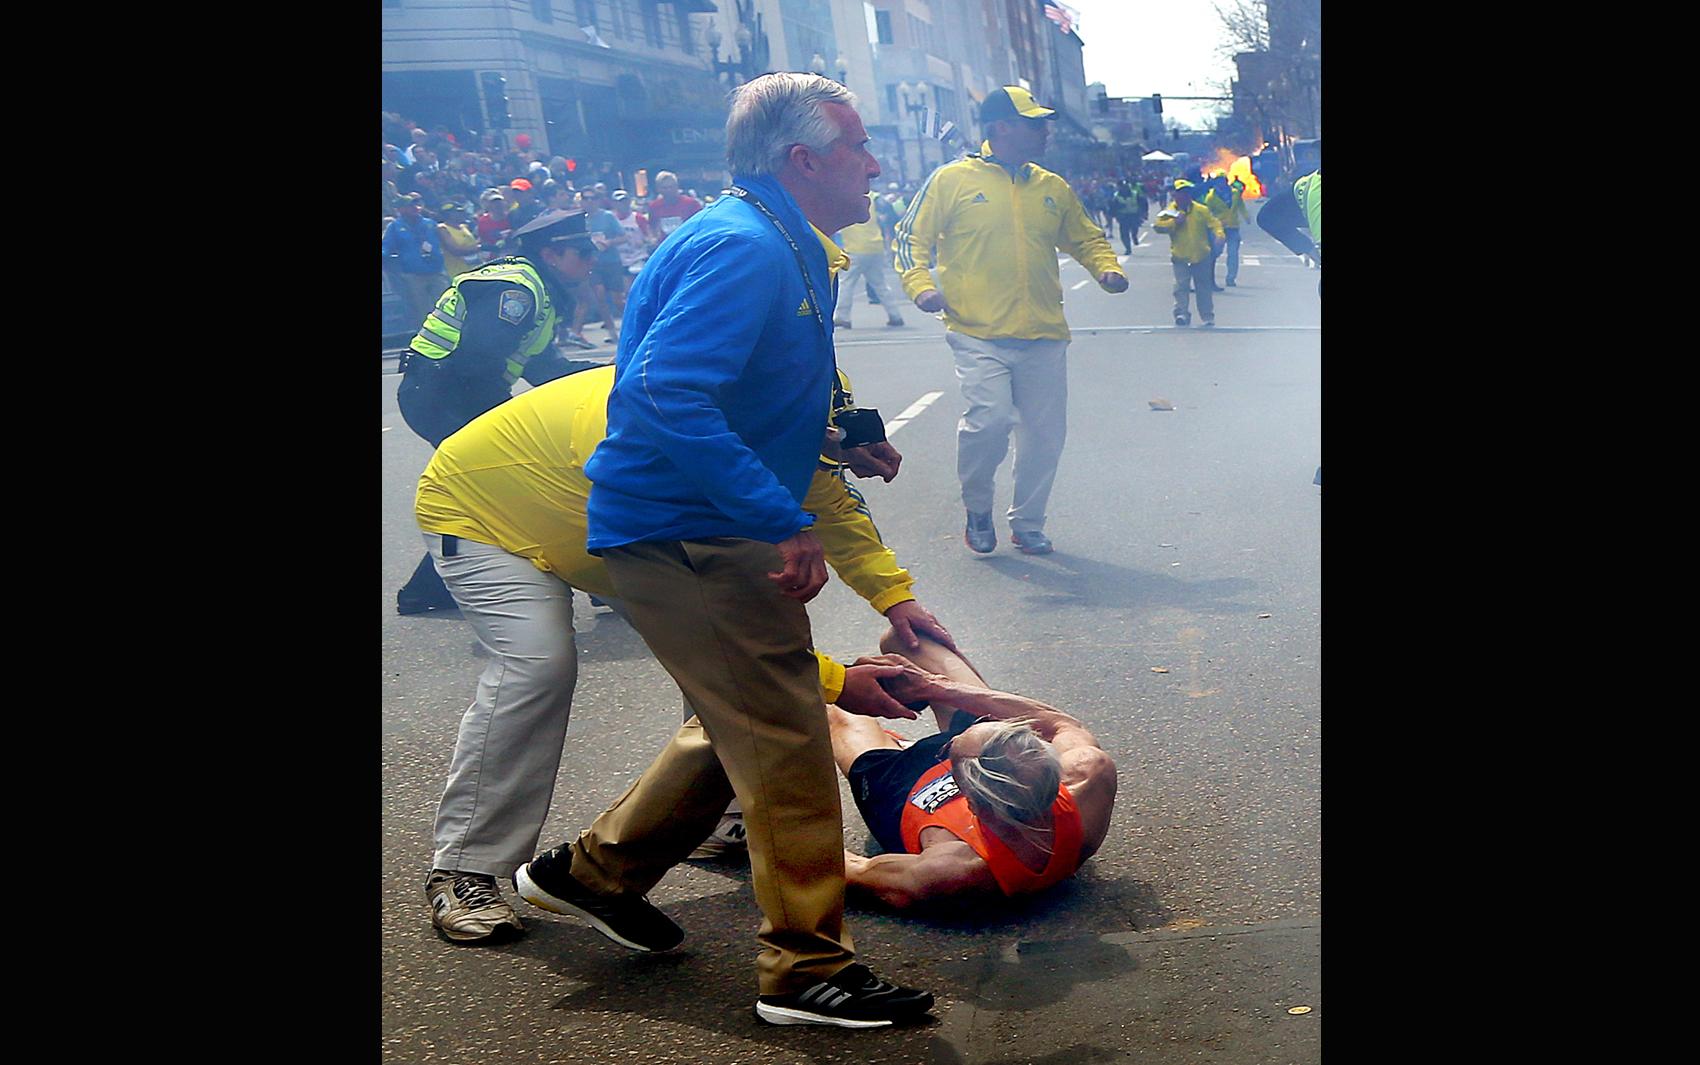 Atleta caído é socorrido pela organização da prova depois de explosão próxima da linha de chegada da maratona de Boston.